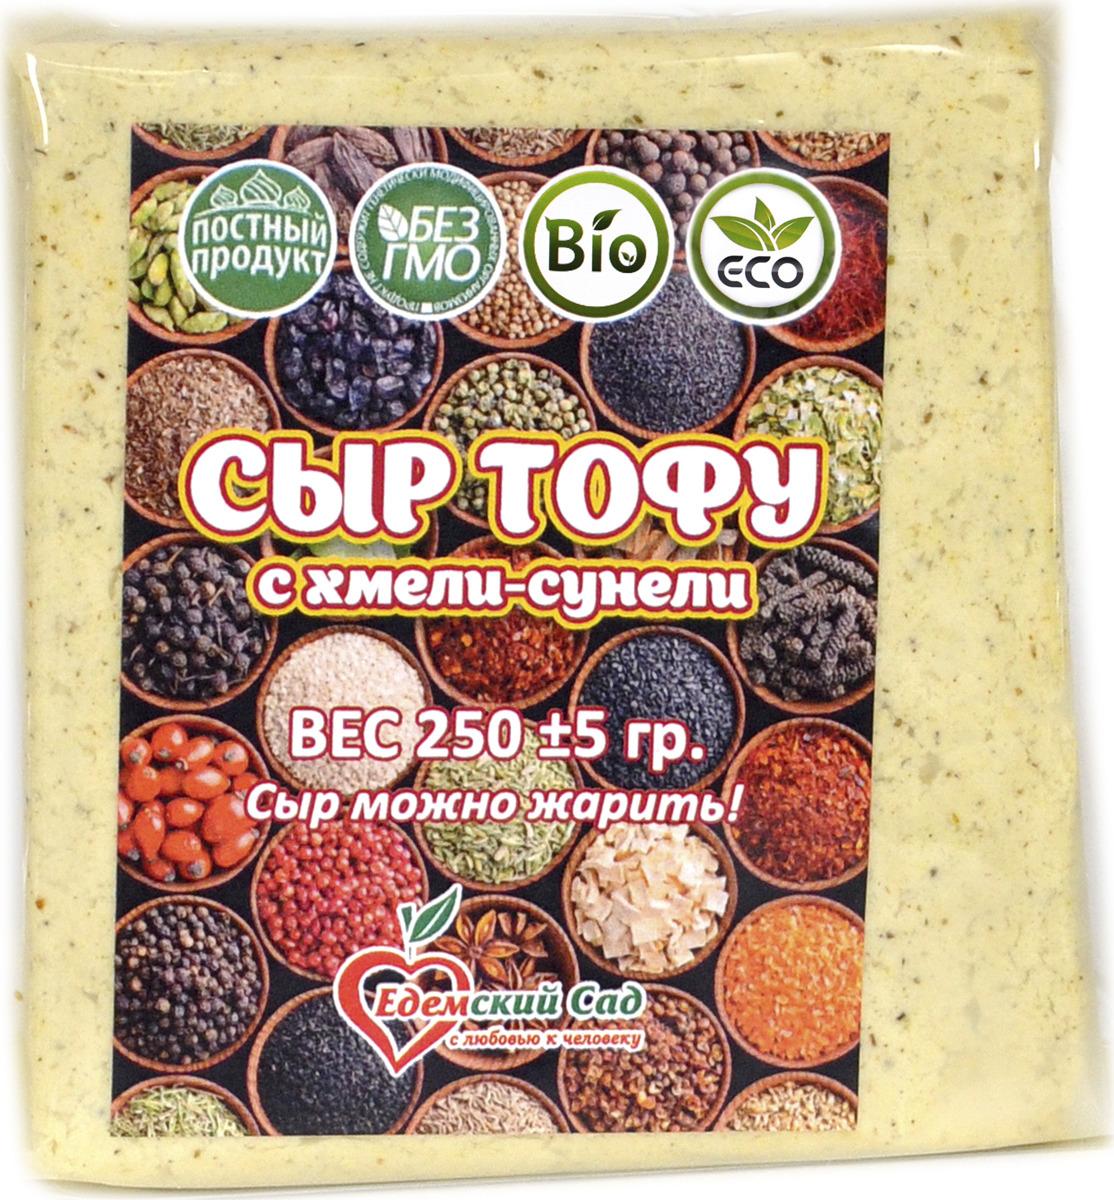 все цены на Сыр Едемский Сад Тофу с хмели-сунели, 250 г онлайн